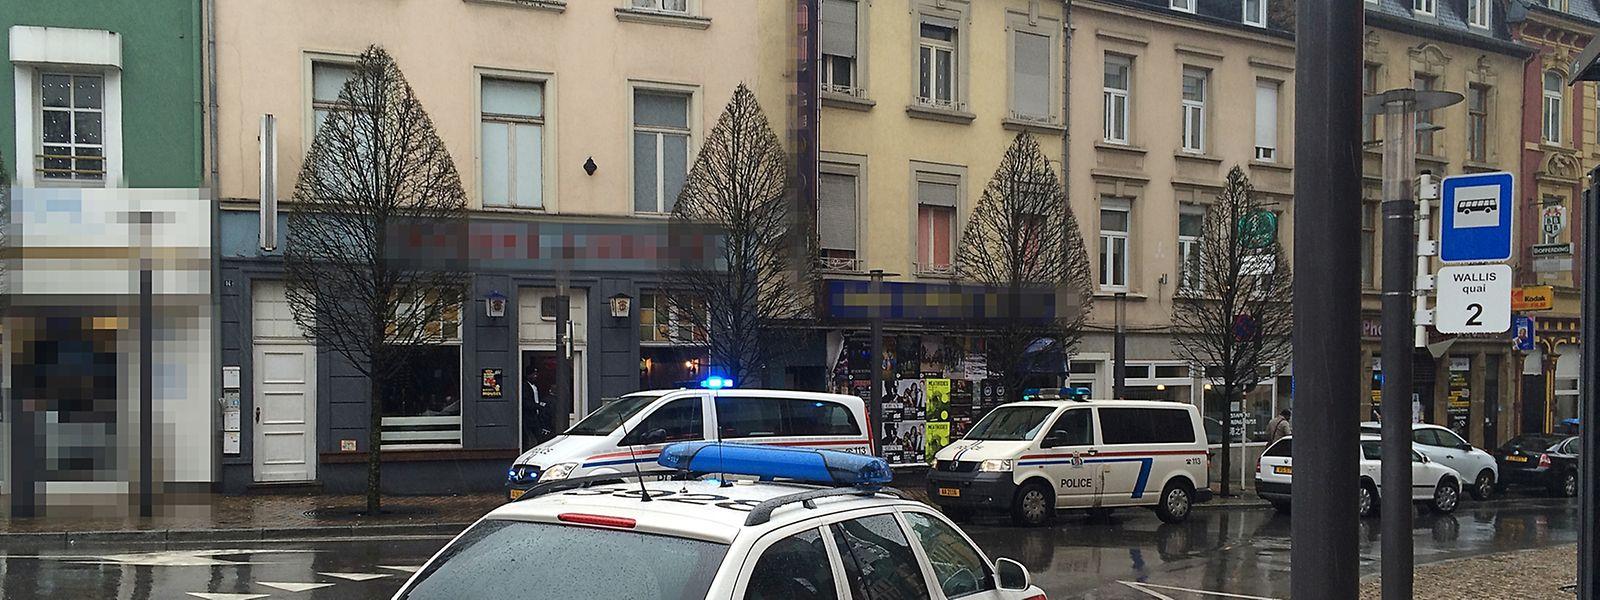 Die Polizei nimmt derzeit verstärkt die Drogenszene im Bahnhofsviertel ins Visier.